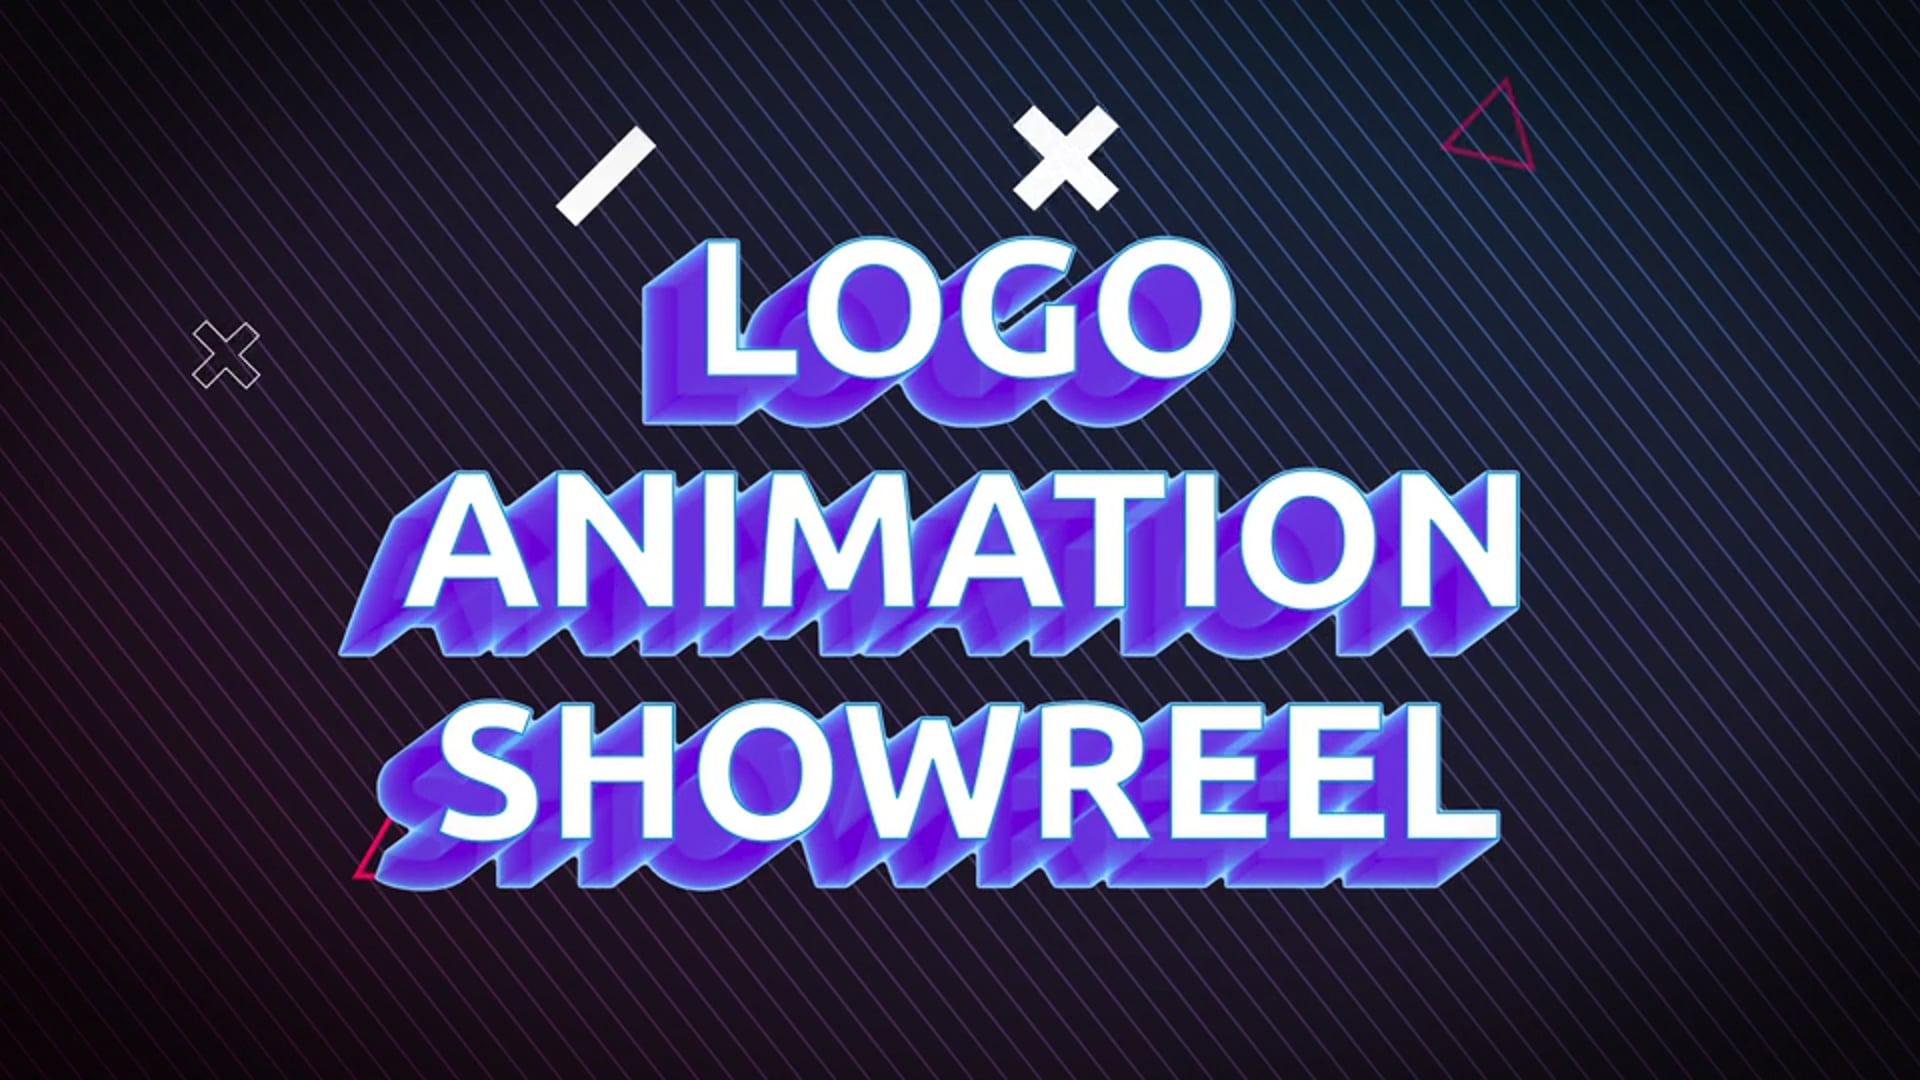 LogoAnimationShowreel_2019